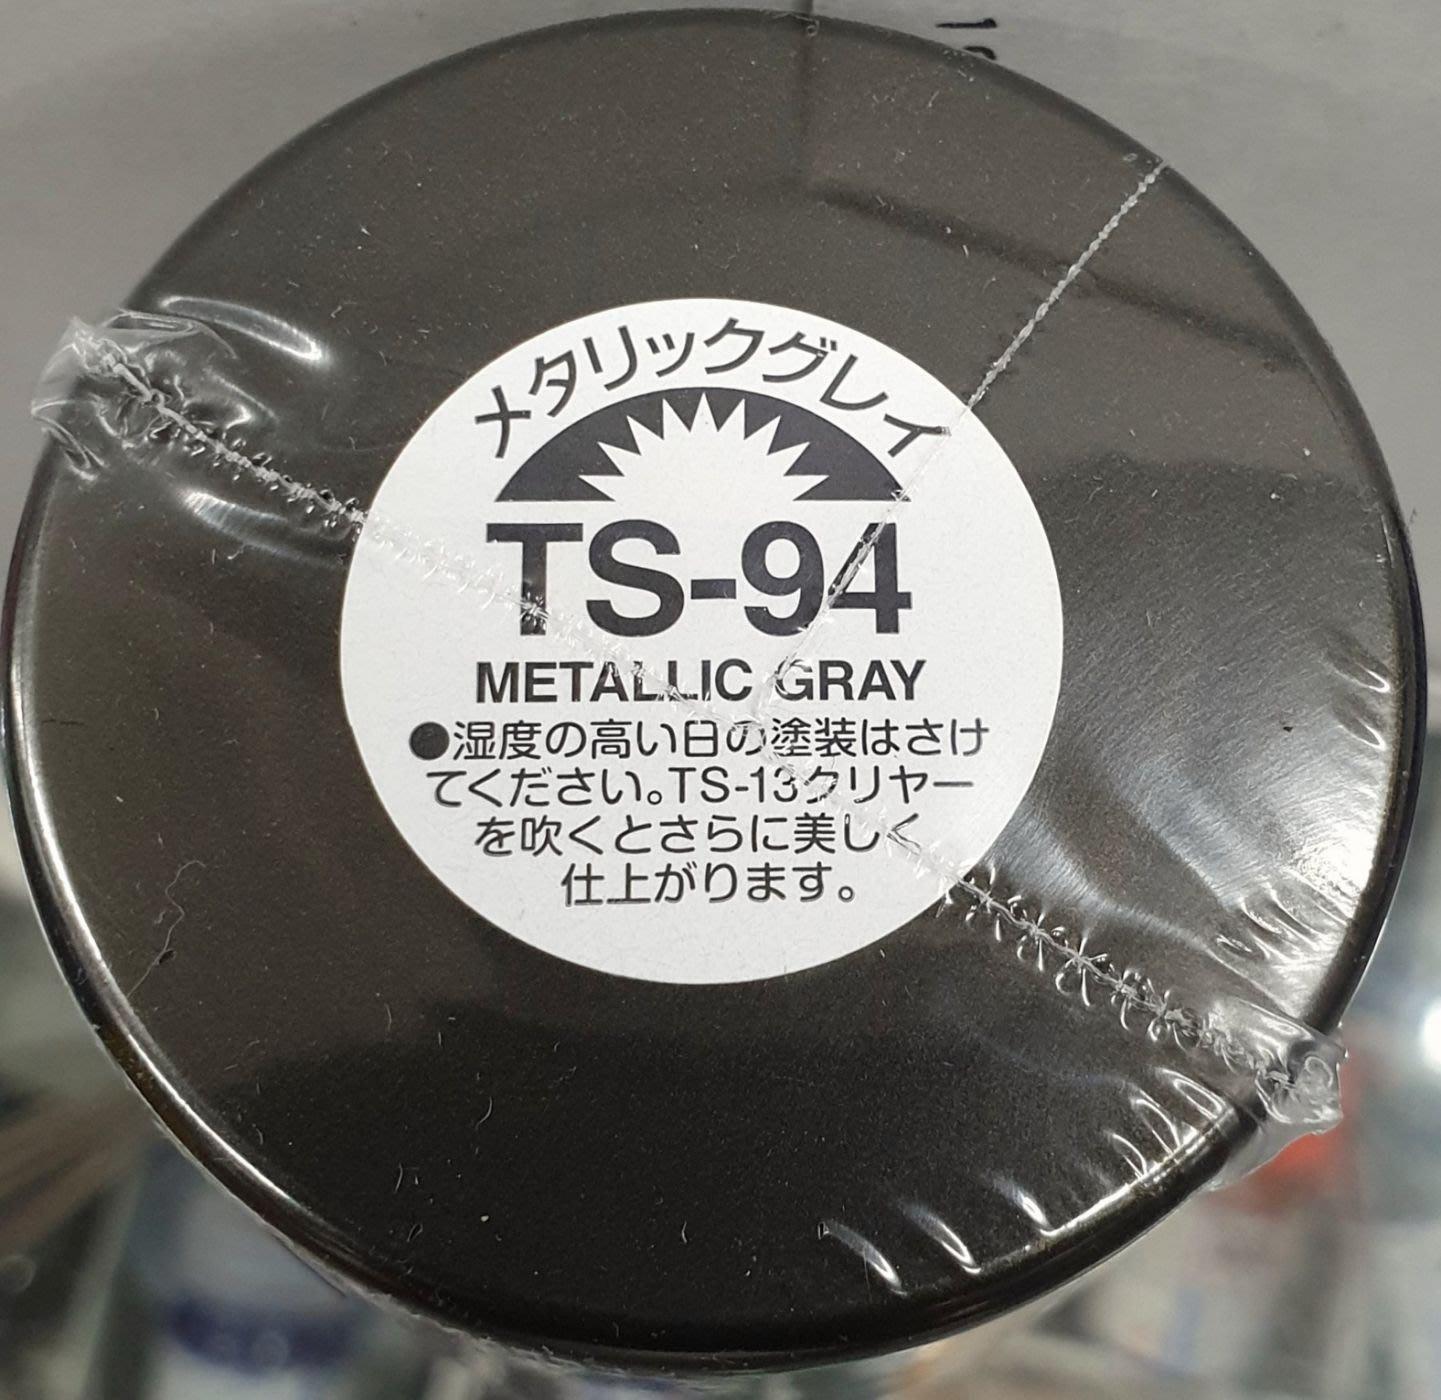 【鄭姐的店】日本 TAMIYA 模型專用噴漆 TS-94 金屬灰色